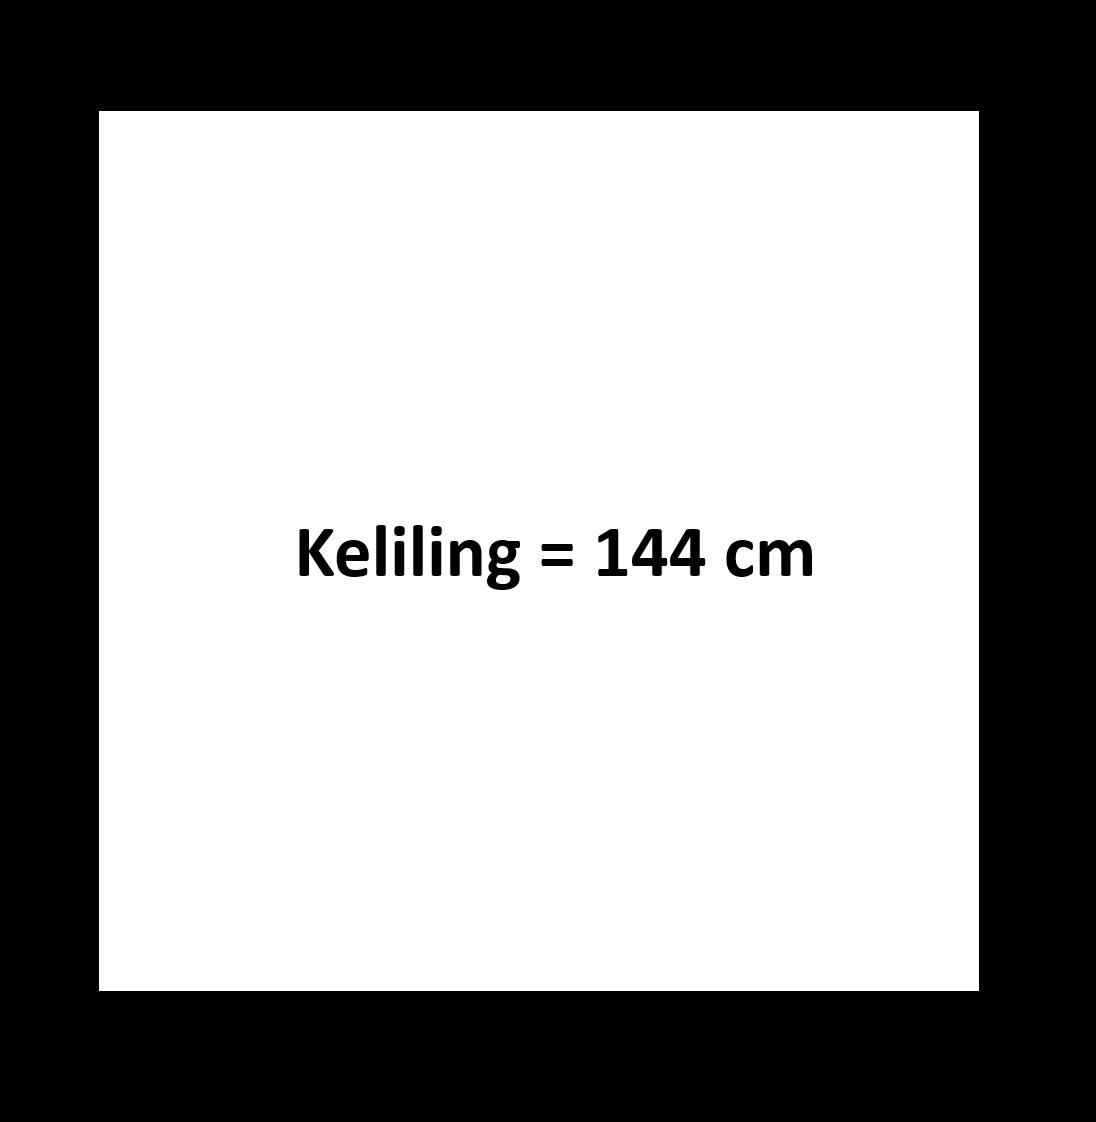 Gambar keliling persegi 144 cm